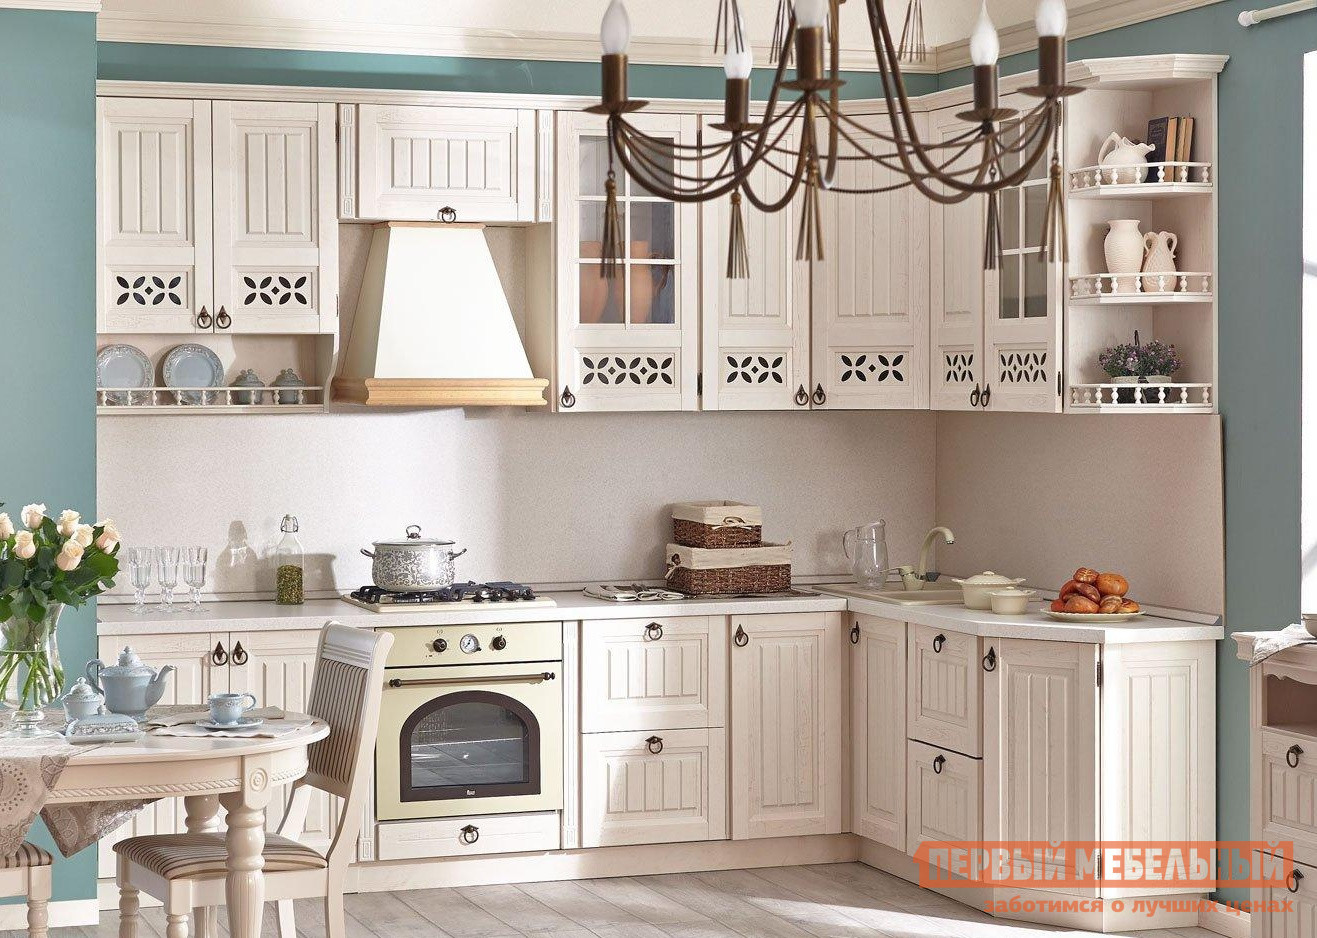 Кухонный гарнитур Любимый дом Амели К Прованс К1 любимый дом кухонный гарнитур анастасия